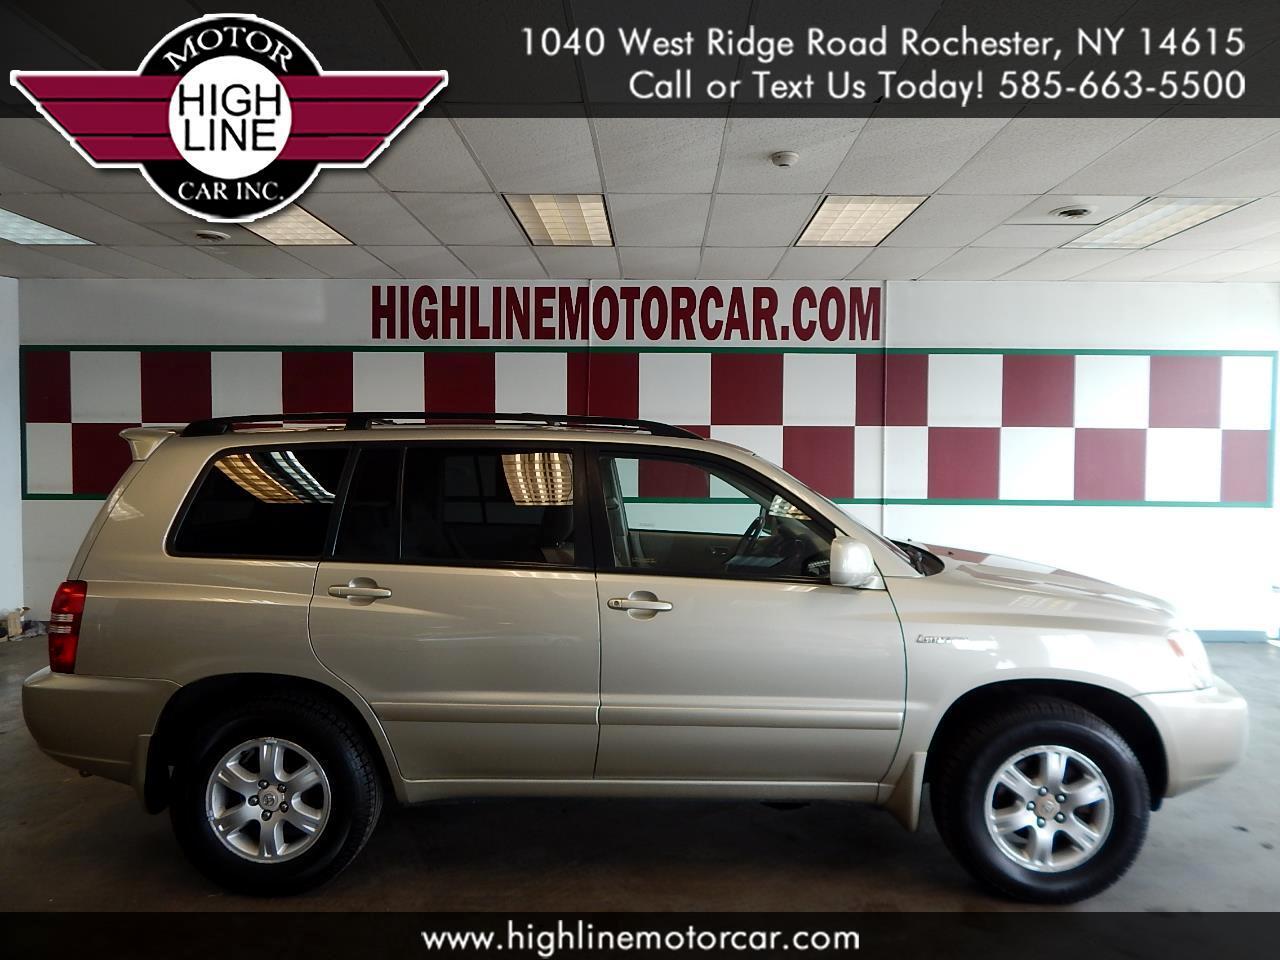 2003 Toyota Highlander 4dr V6 4WD Limited (Natl)